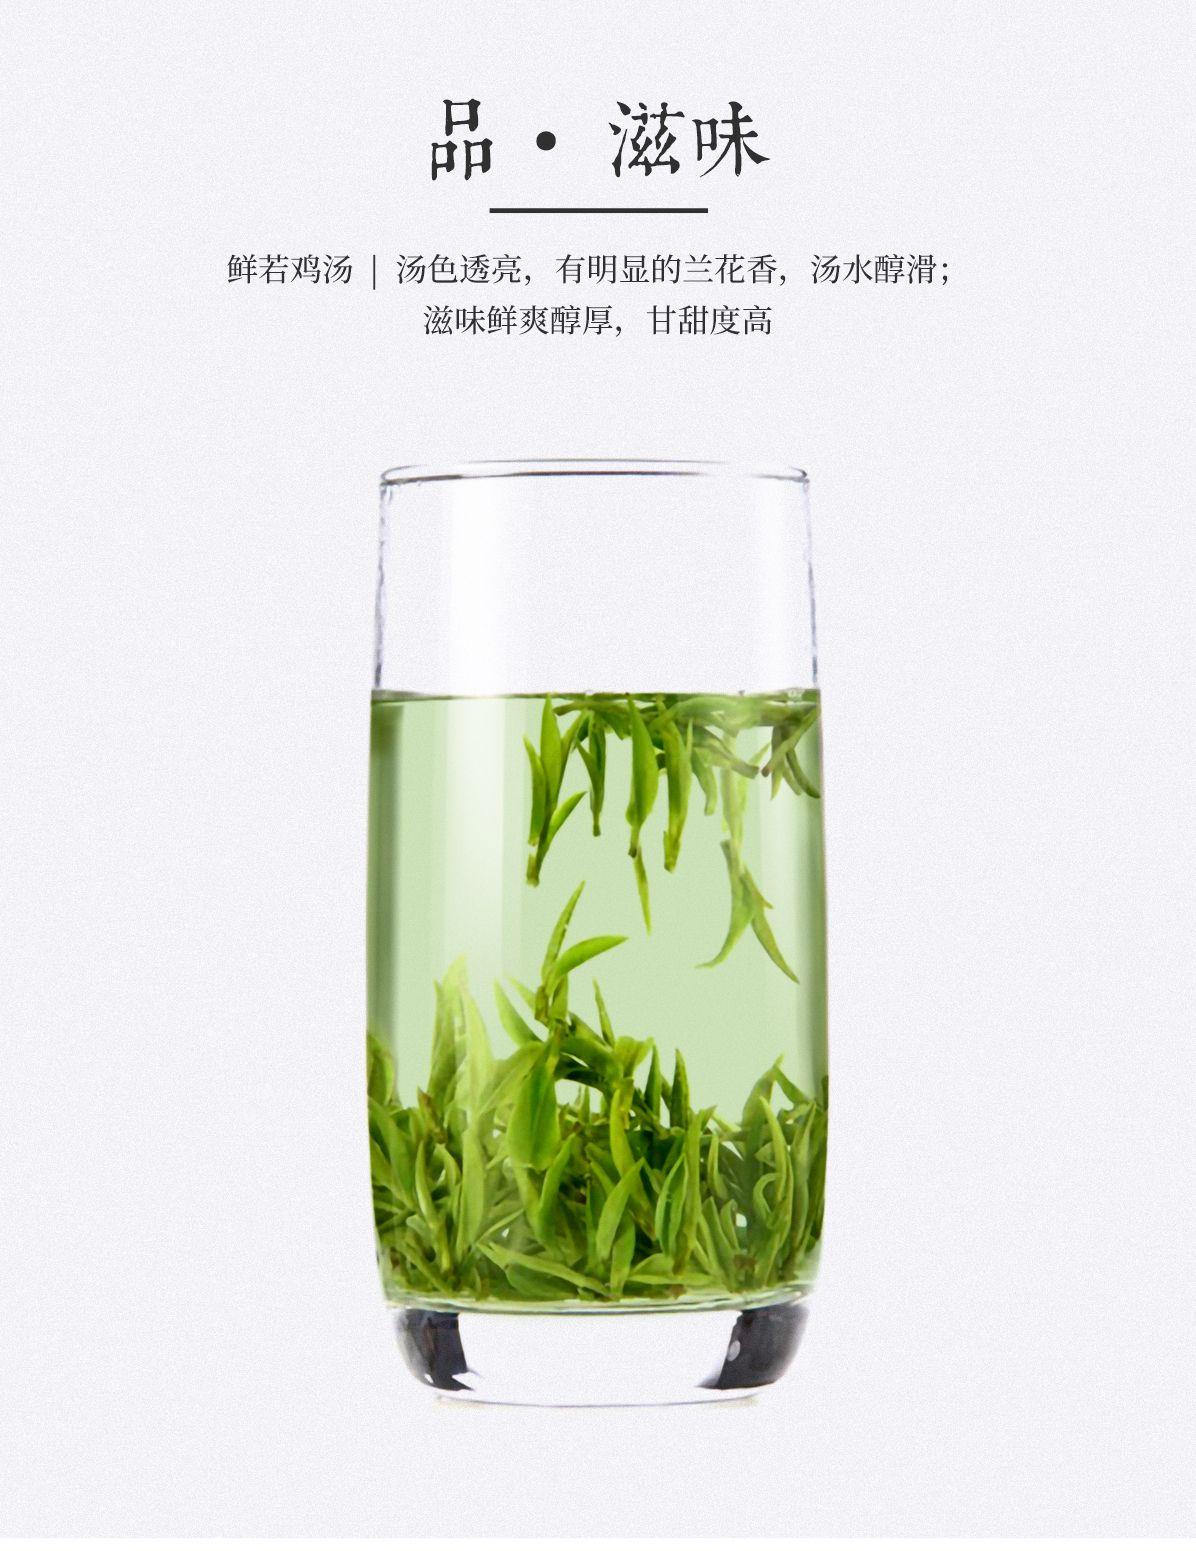 4-13-官网白茶详情_08.jpg